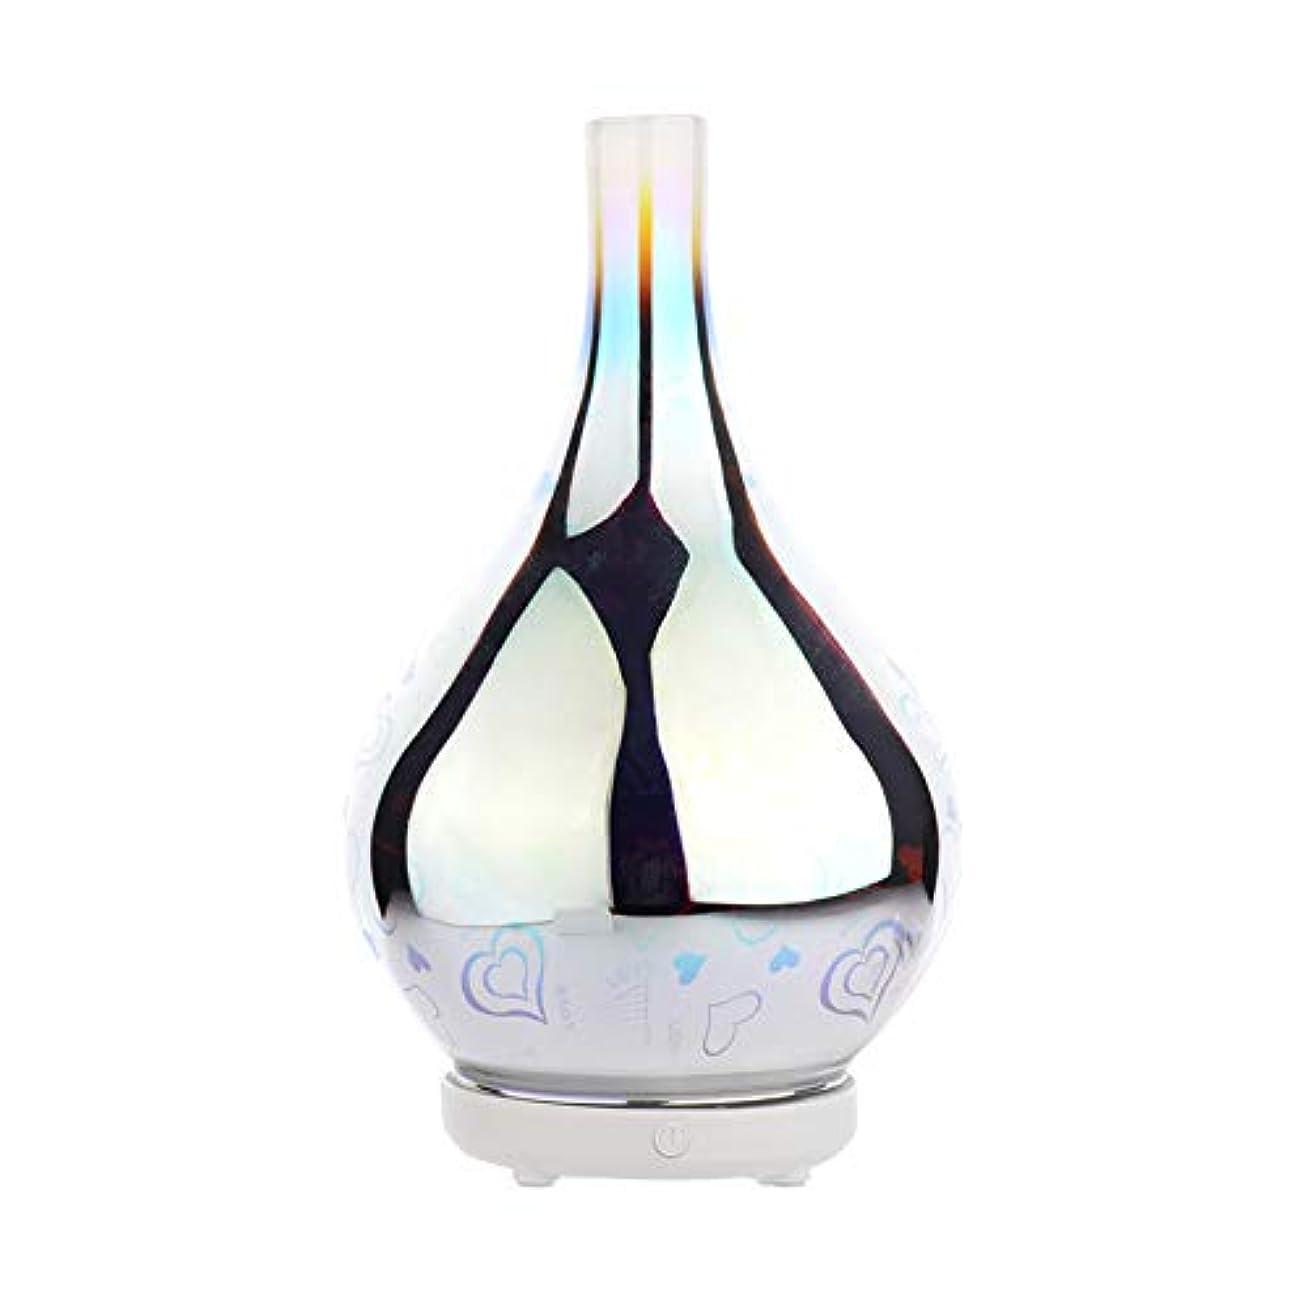 行うフォーカススクリューDC 二色 3Dガラス夜ライトアロマテラピーマシン 精油の拡散器 香りのアロマセラピー アロマセラピーディフューザー